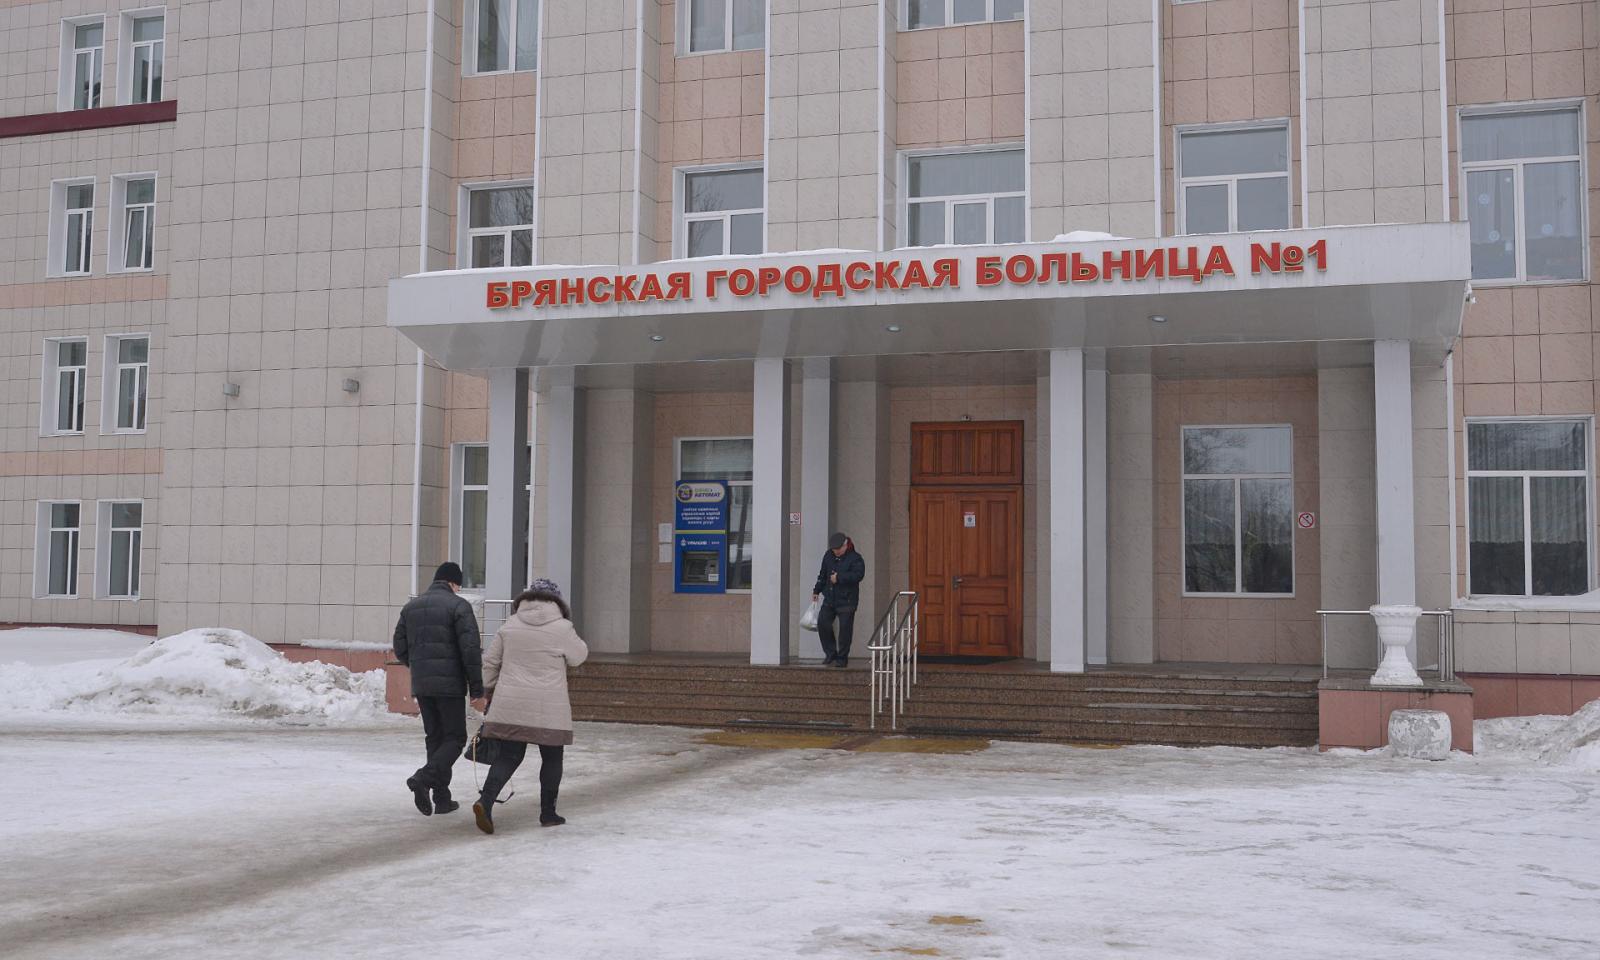 Новые случаи коронавируса выявлены в 8 районах Брянской области